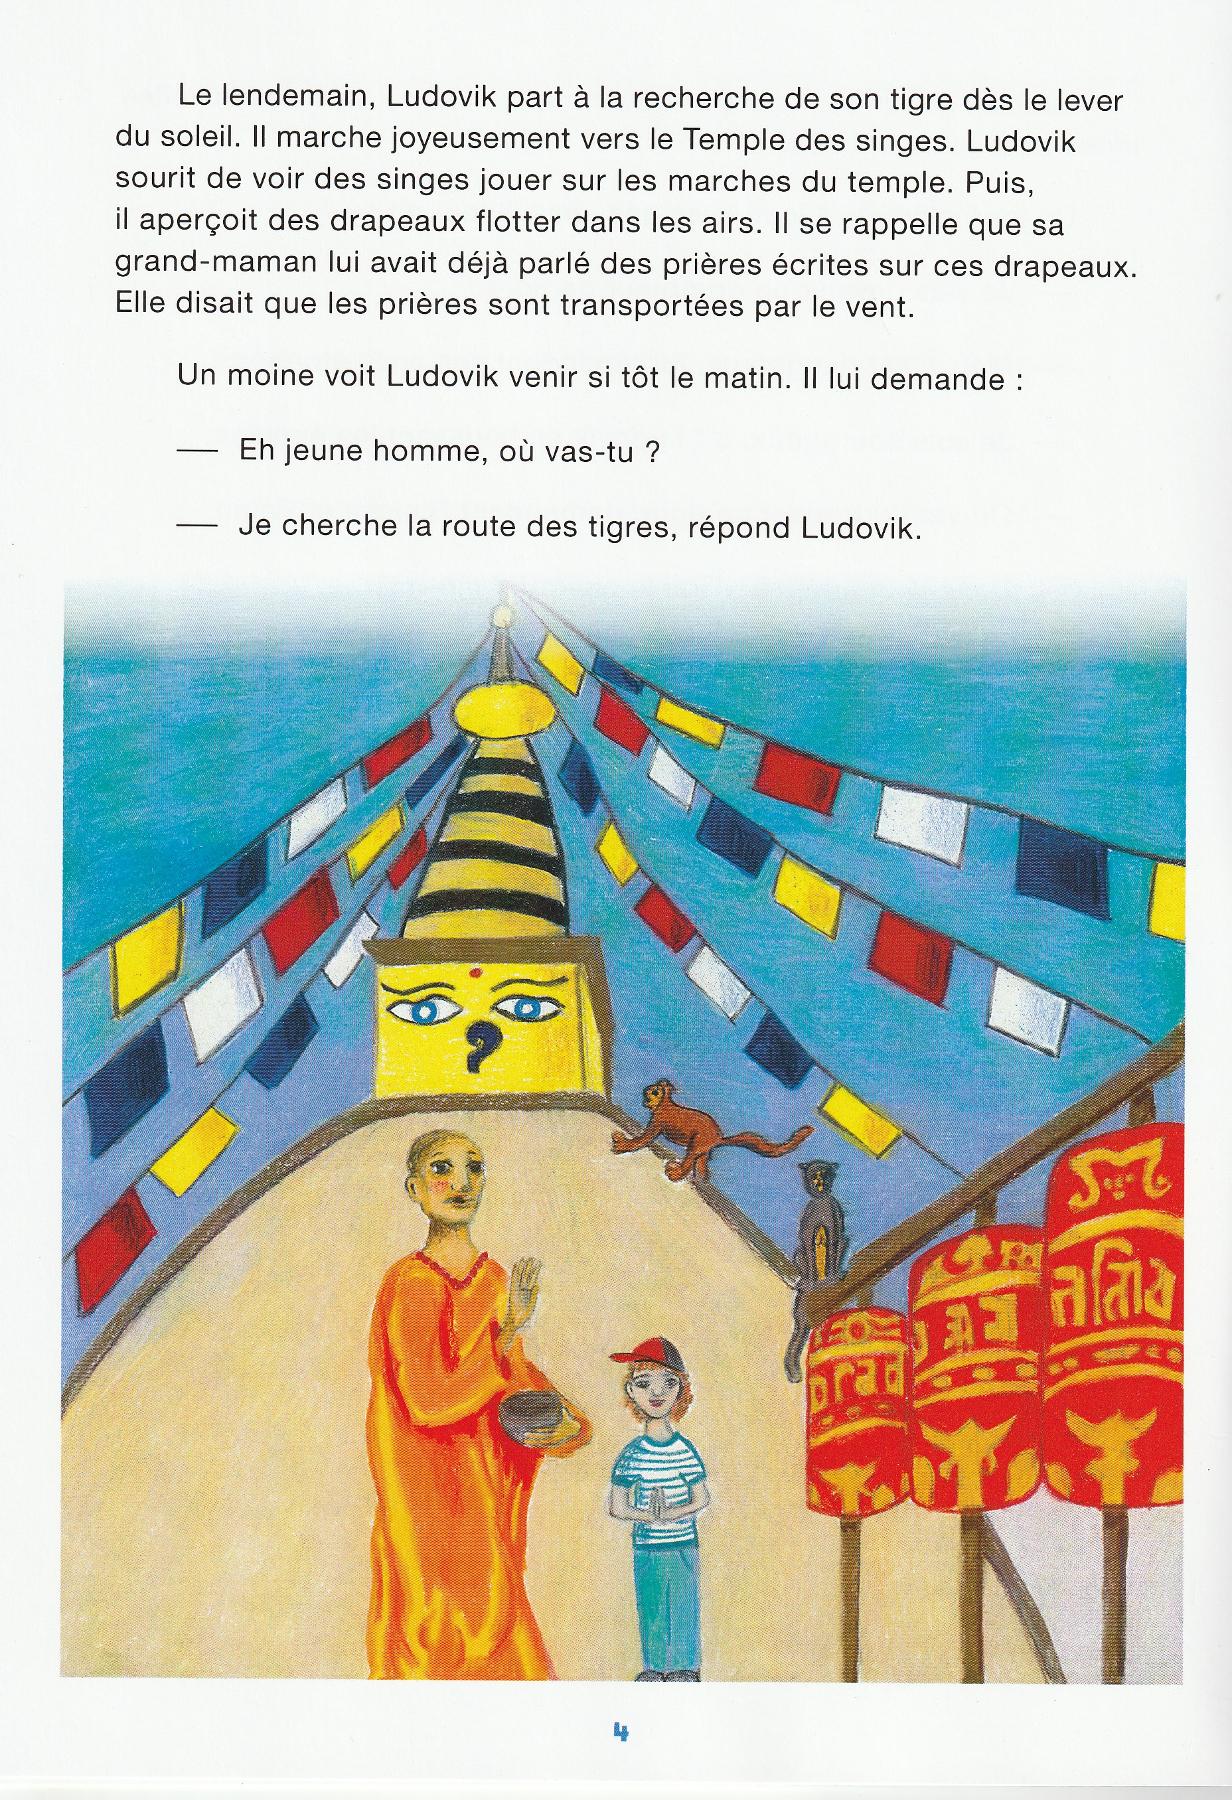 page où le personnage rencontre un moine